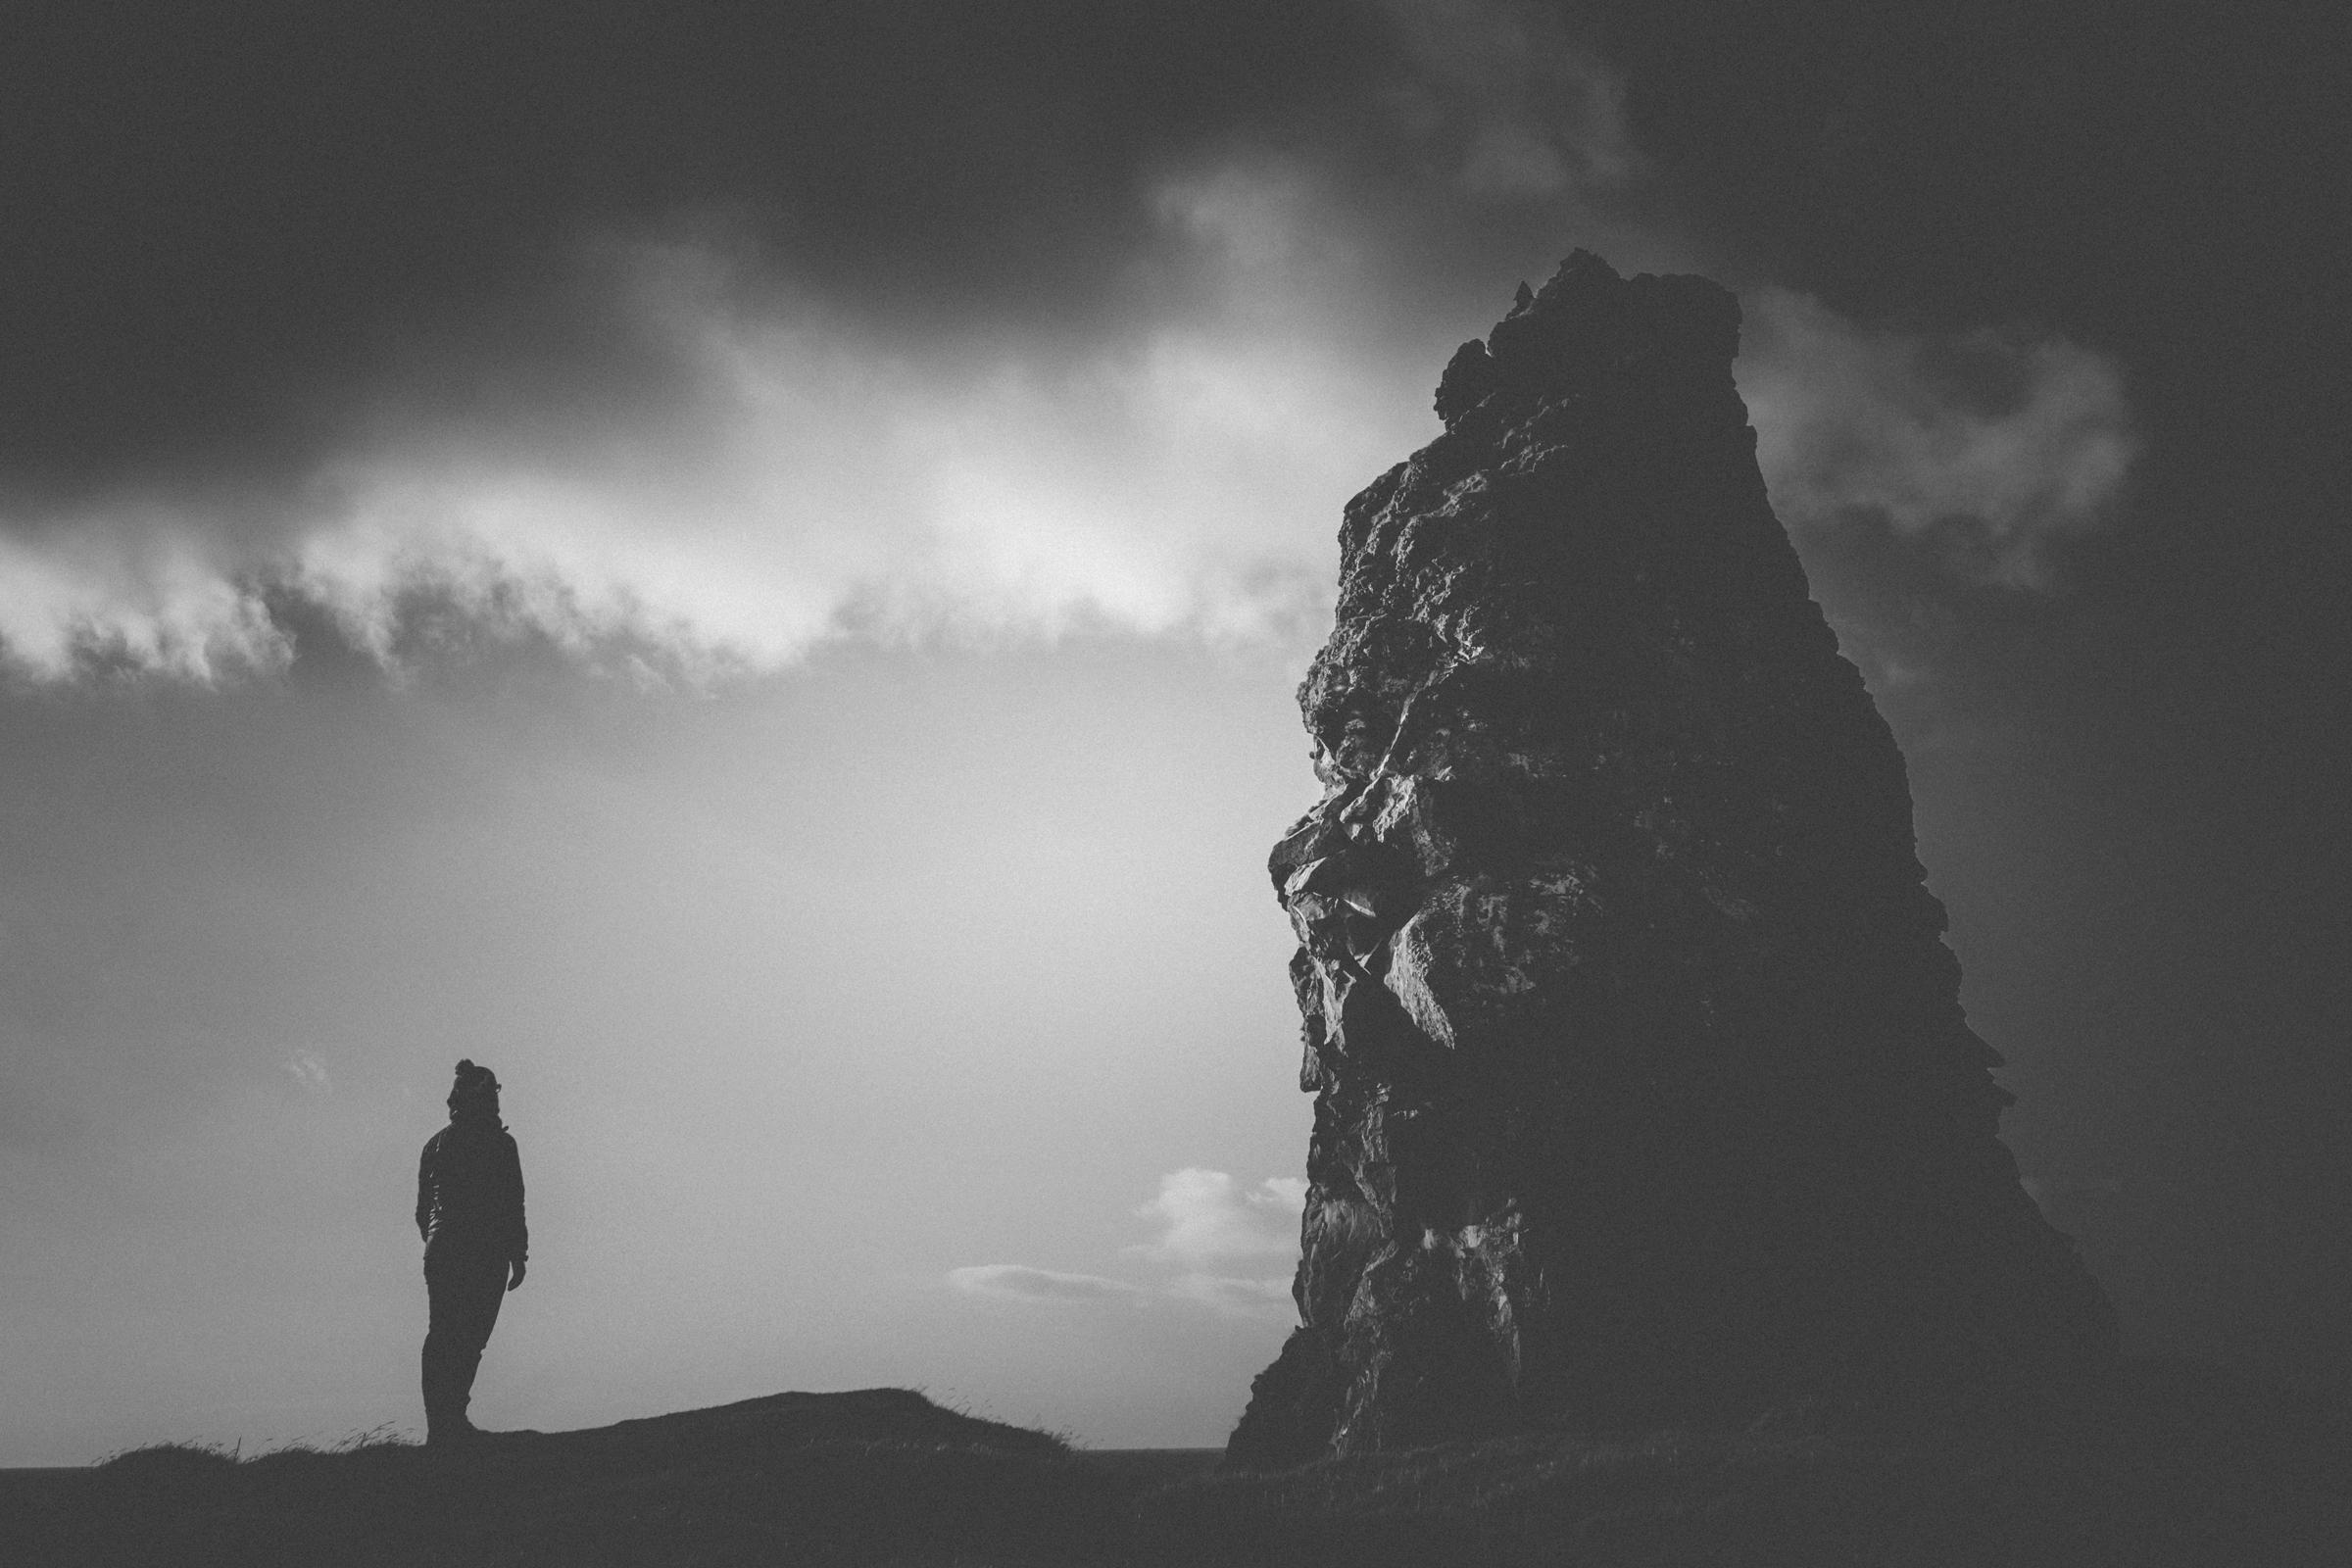 dramatic iceland landscape, jennifer picard photography, travel photographer